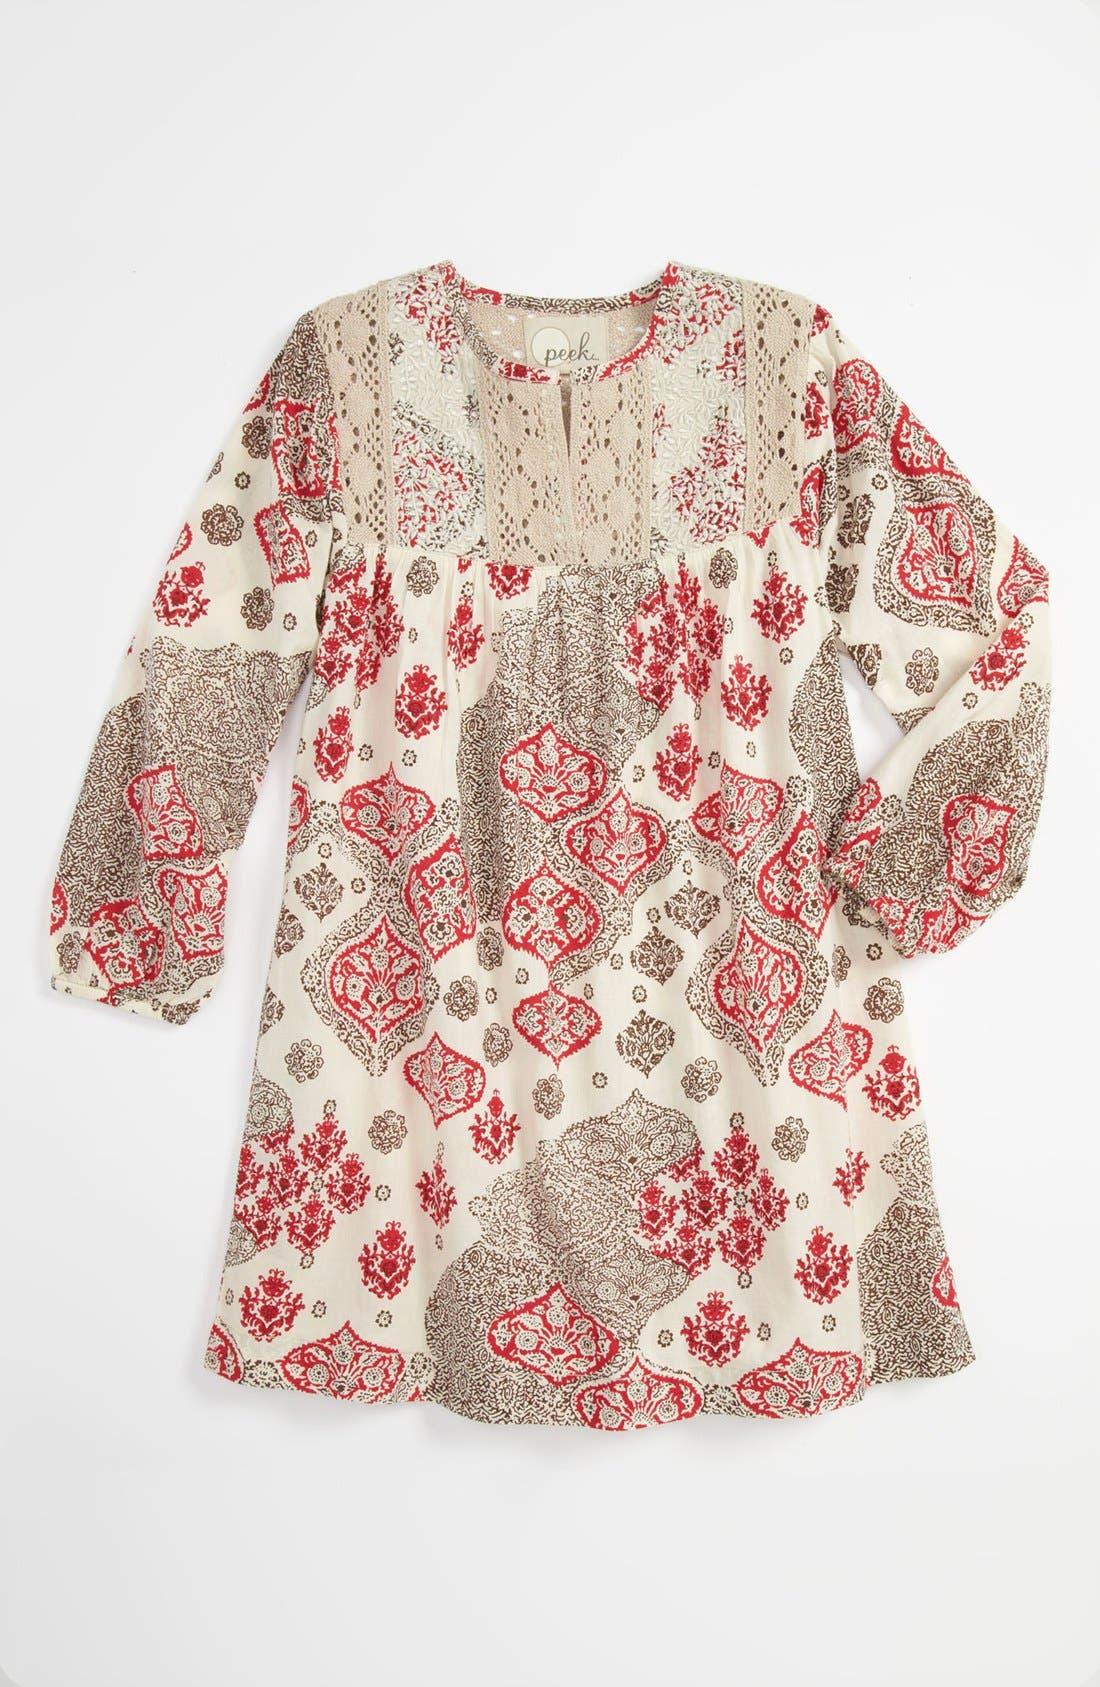 Alternate Image 1 Selected - Peek 'Lupita' Dress (Toddler & Little Girls)